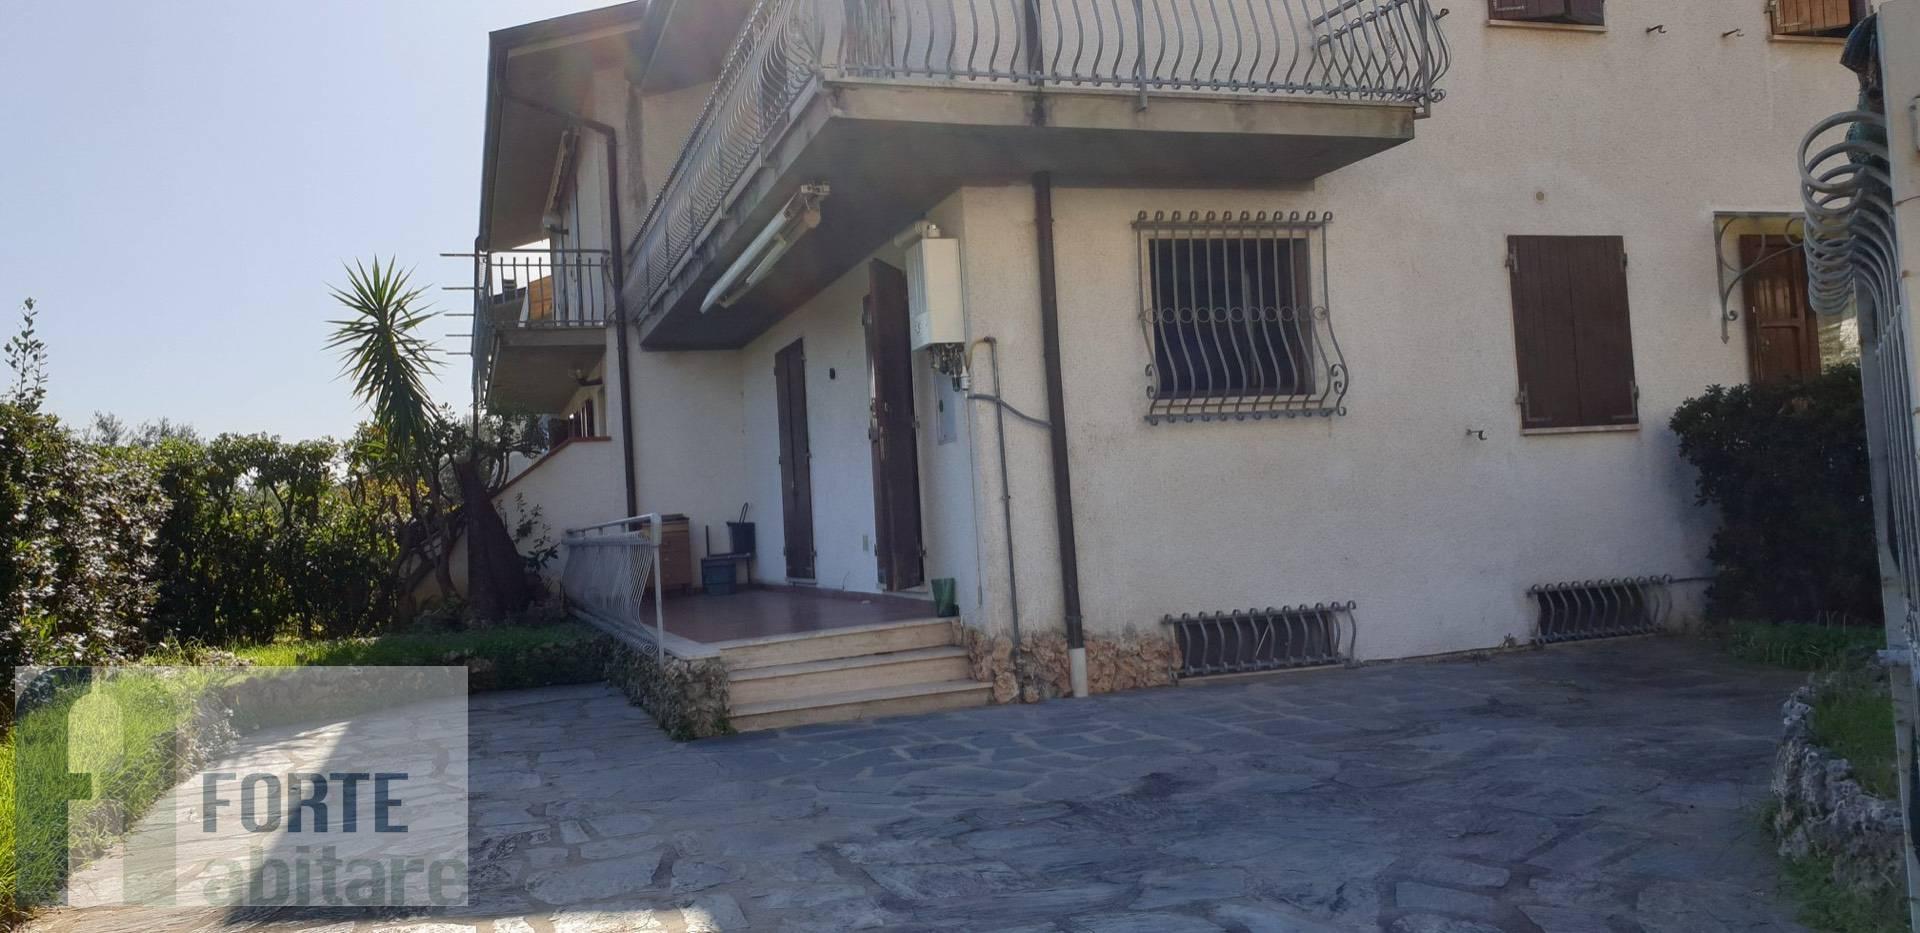 Appartamento in vendita a Seravezza, 5 locali, zona Zona: Querceta, prezzo € 300.000 | CambioCasa.it